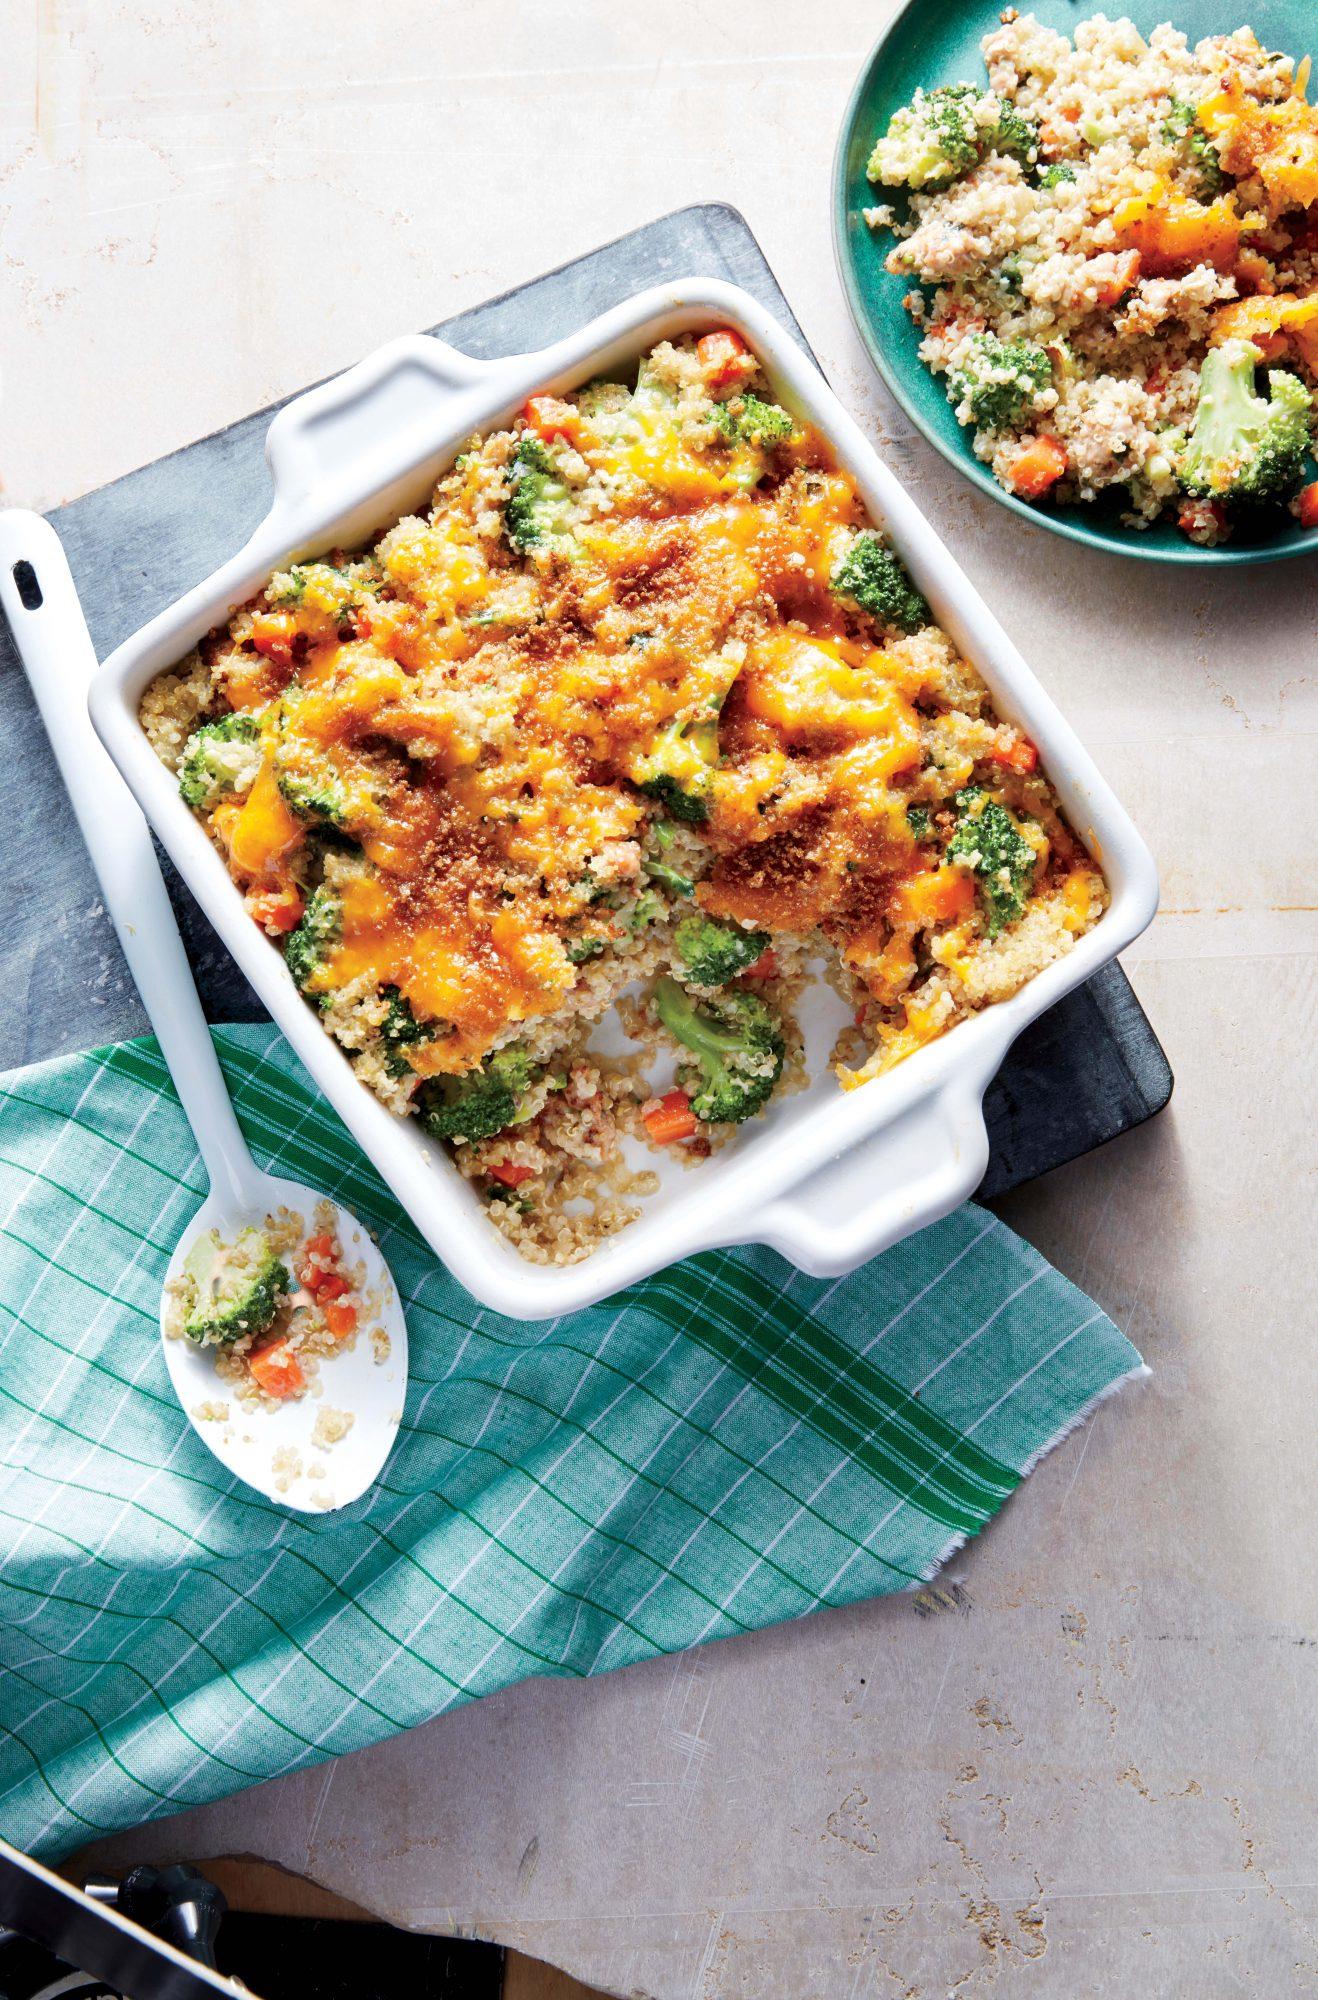 Cheesy Sausage, Broccoli, and Quinoa Casserole